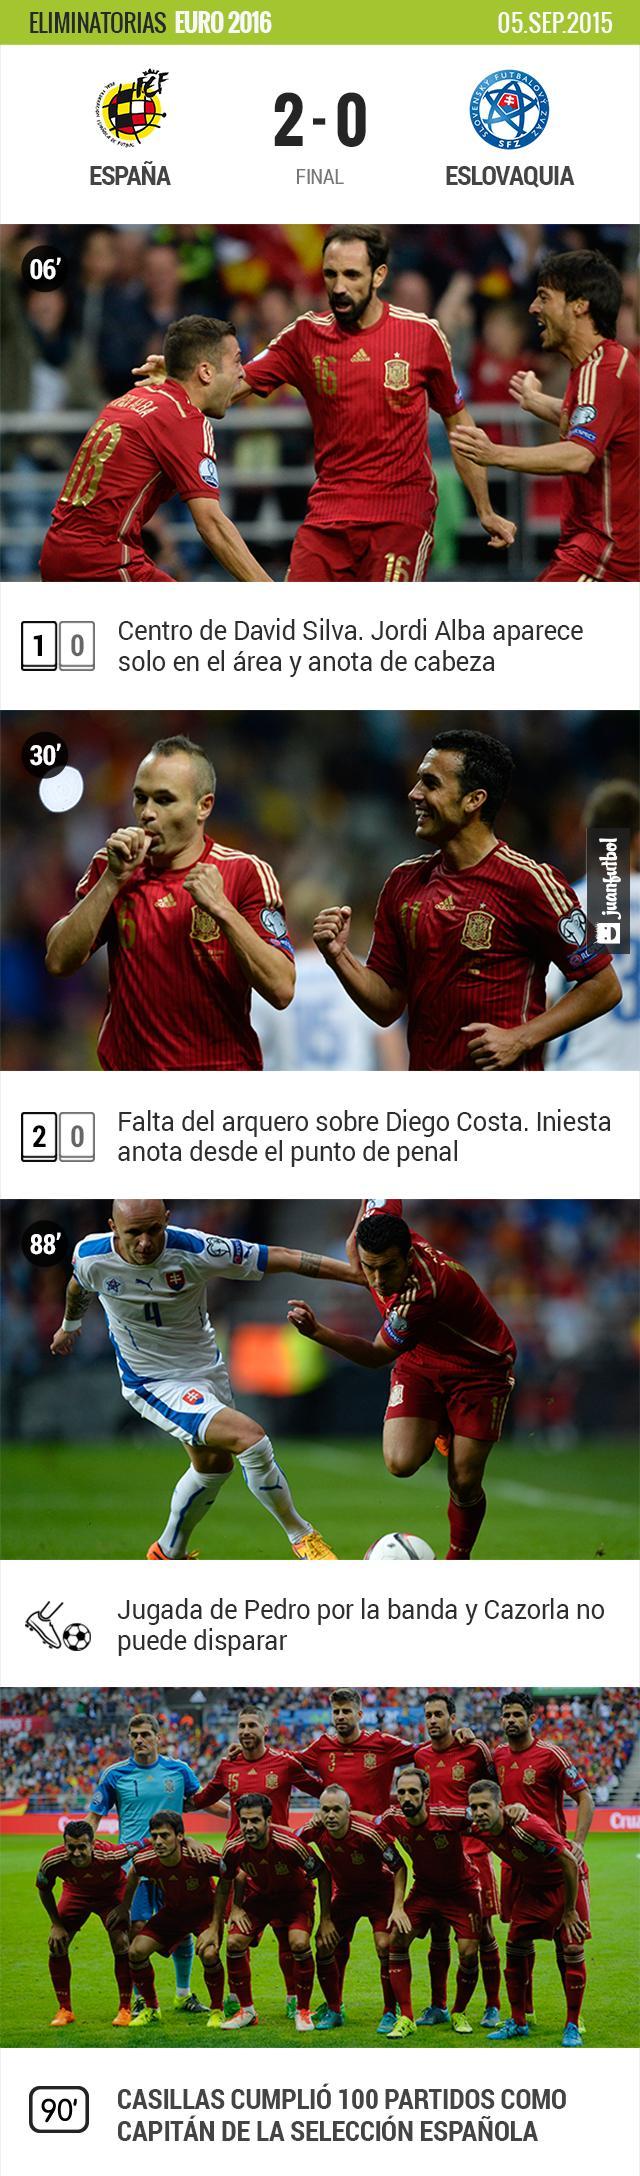 España vence a Eslovaquia en las eliminatorias de la Eurocopa. Casillas cumple 100 partidos como capitán.